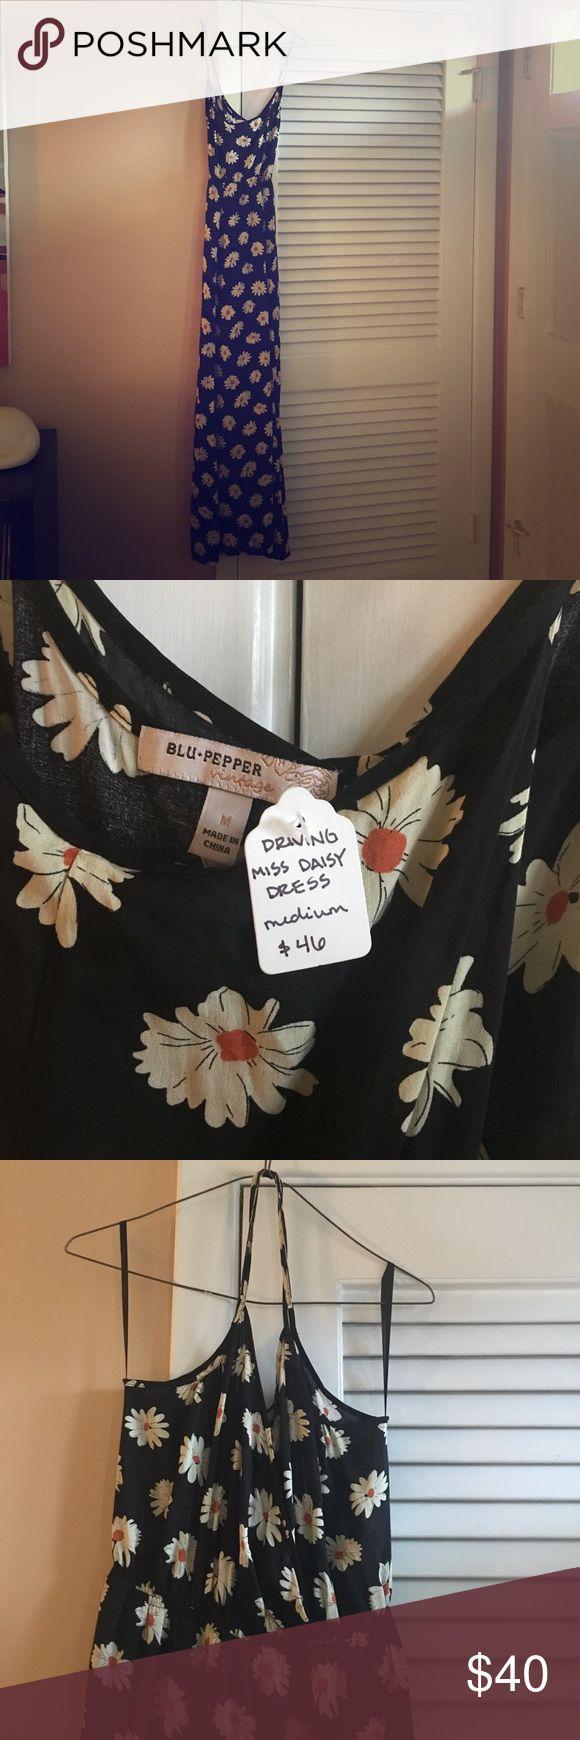 BLU PEPPER VINTAGE: driving miss daisy maxi dress size medium tags still attached Blu Pepper Dresses Maxi